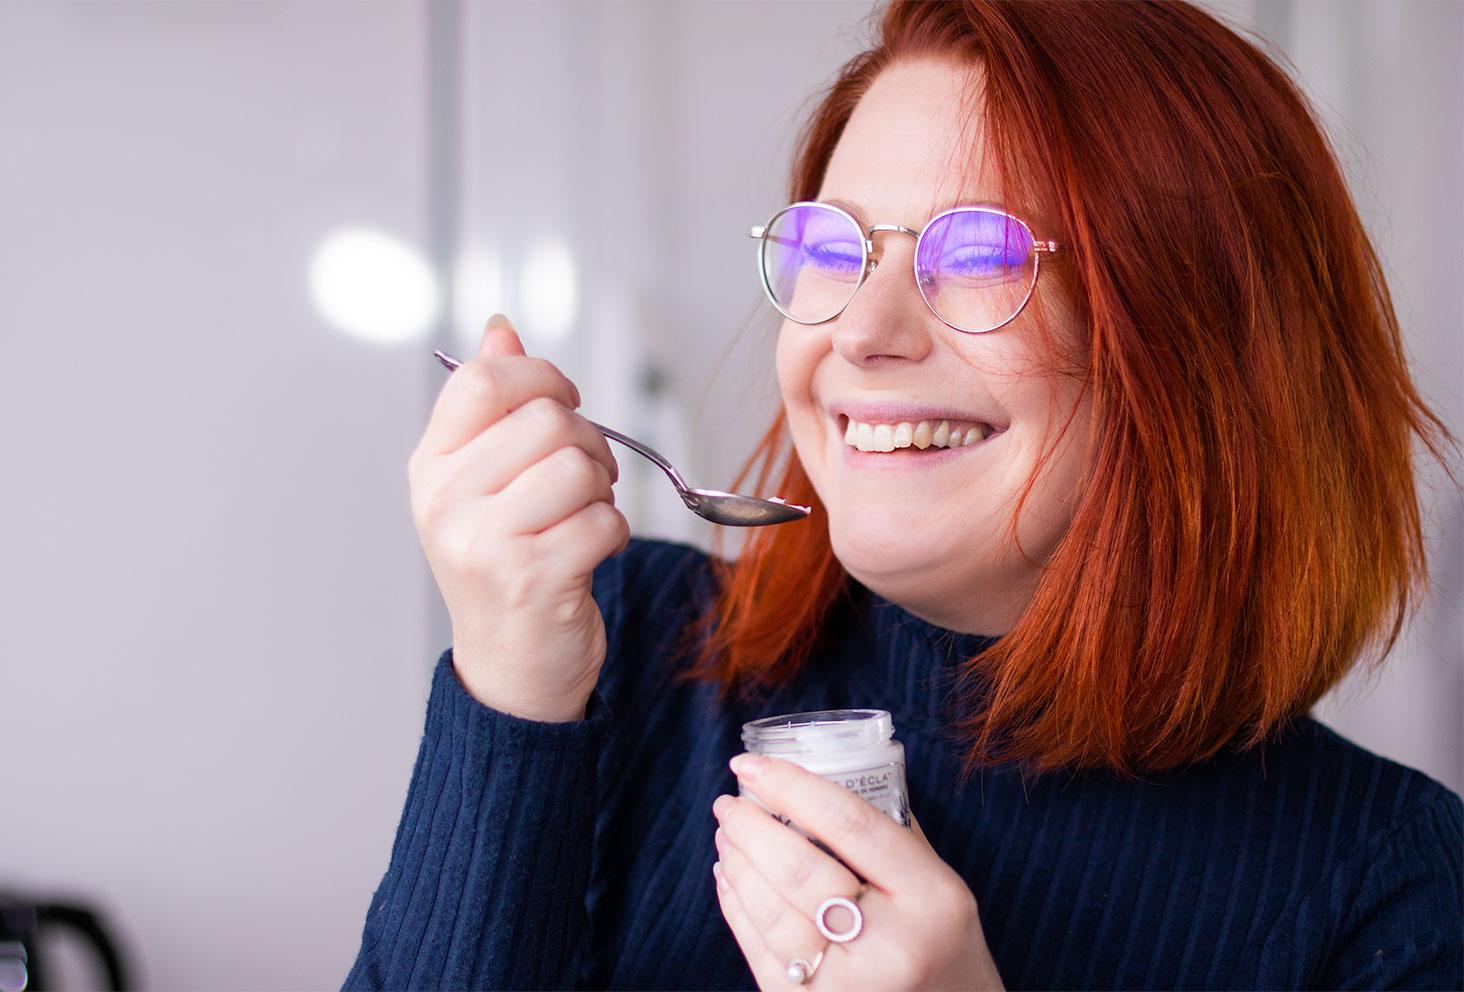 Entrain de faire semblant de manger le baume d'Eclat au romarin de Mademoiselle Saint Germain dans une petite cuillère en argent comme un yaourt